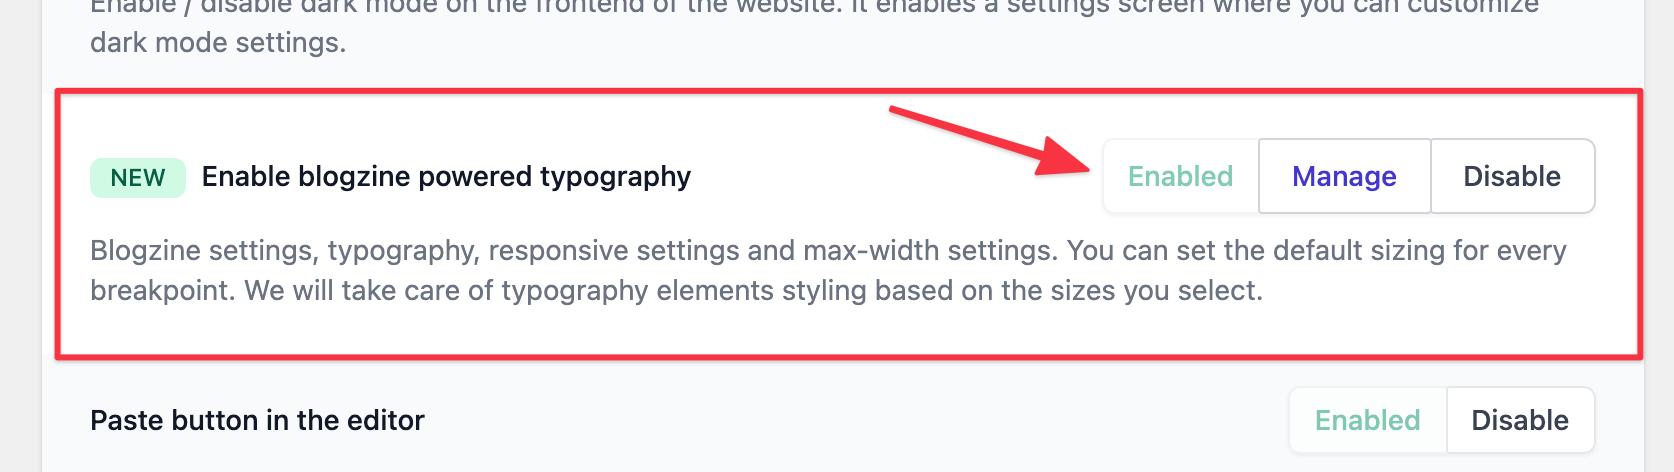 Enable Blogzine powered typography